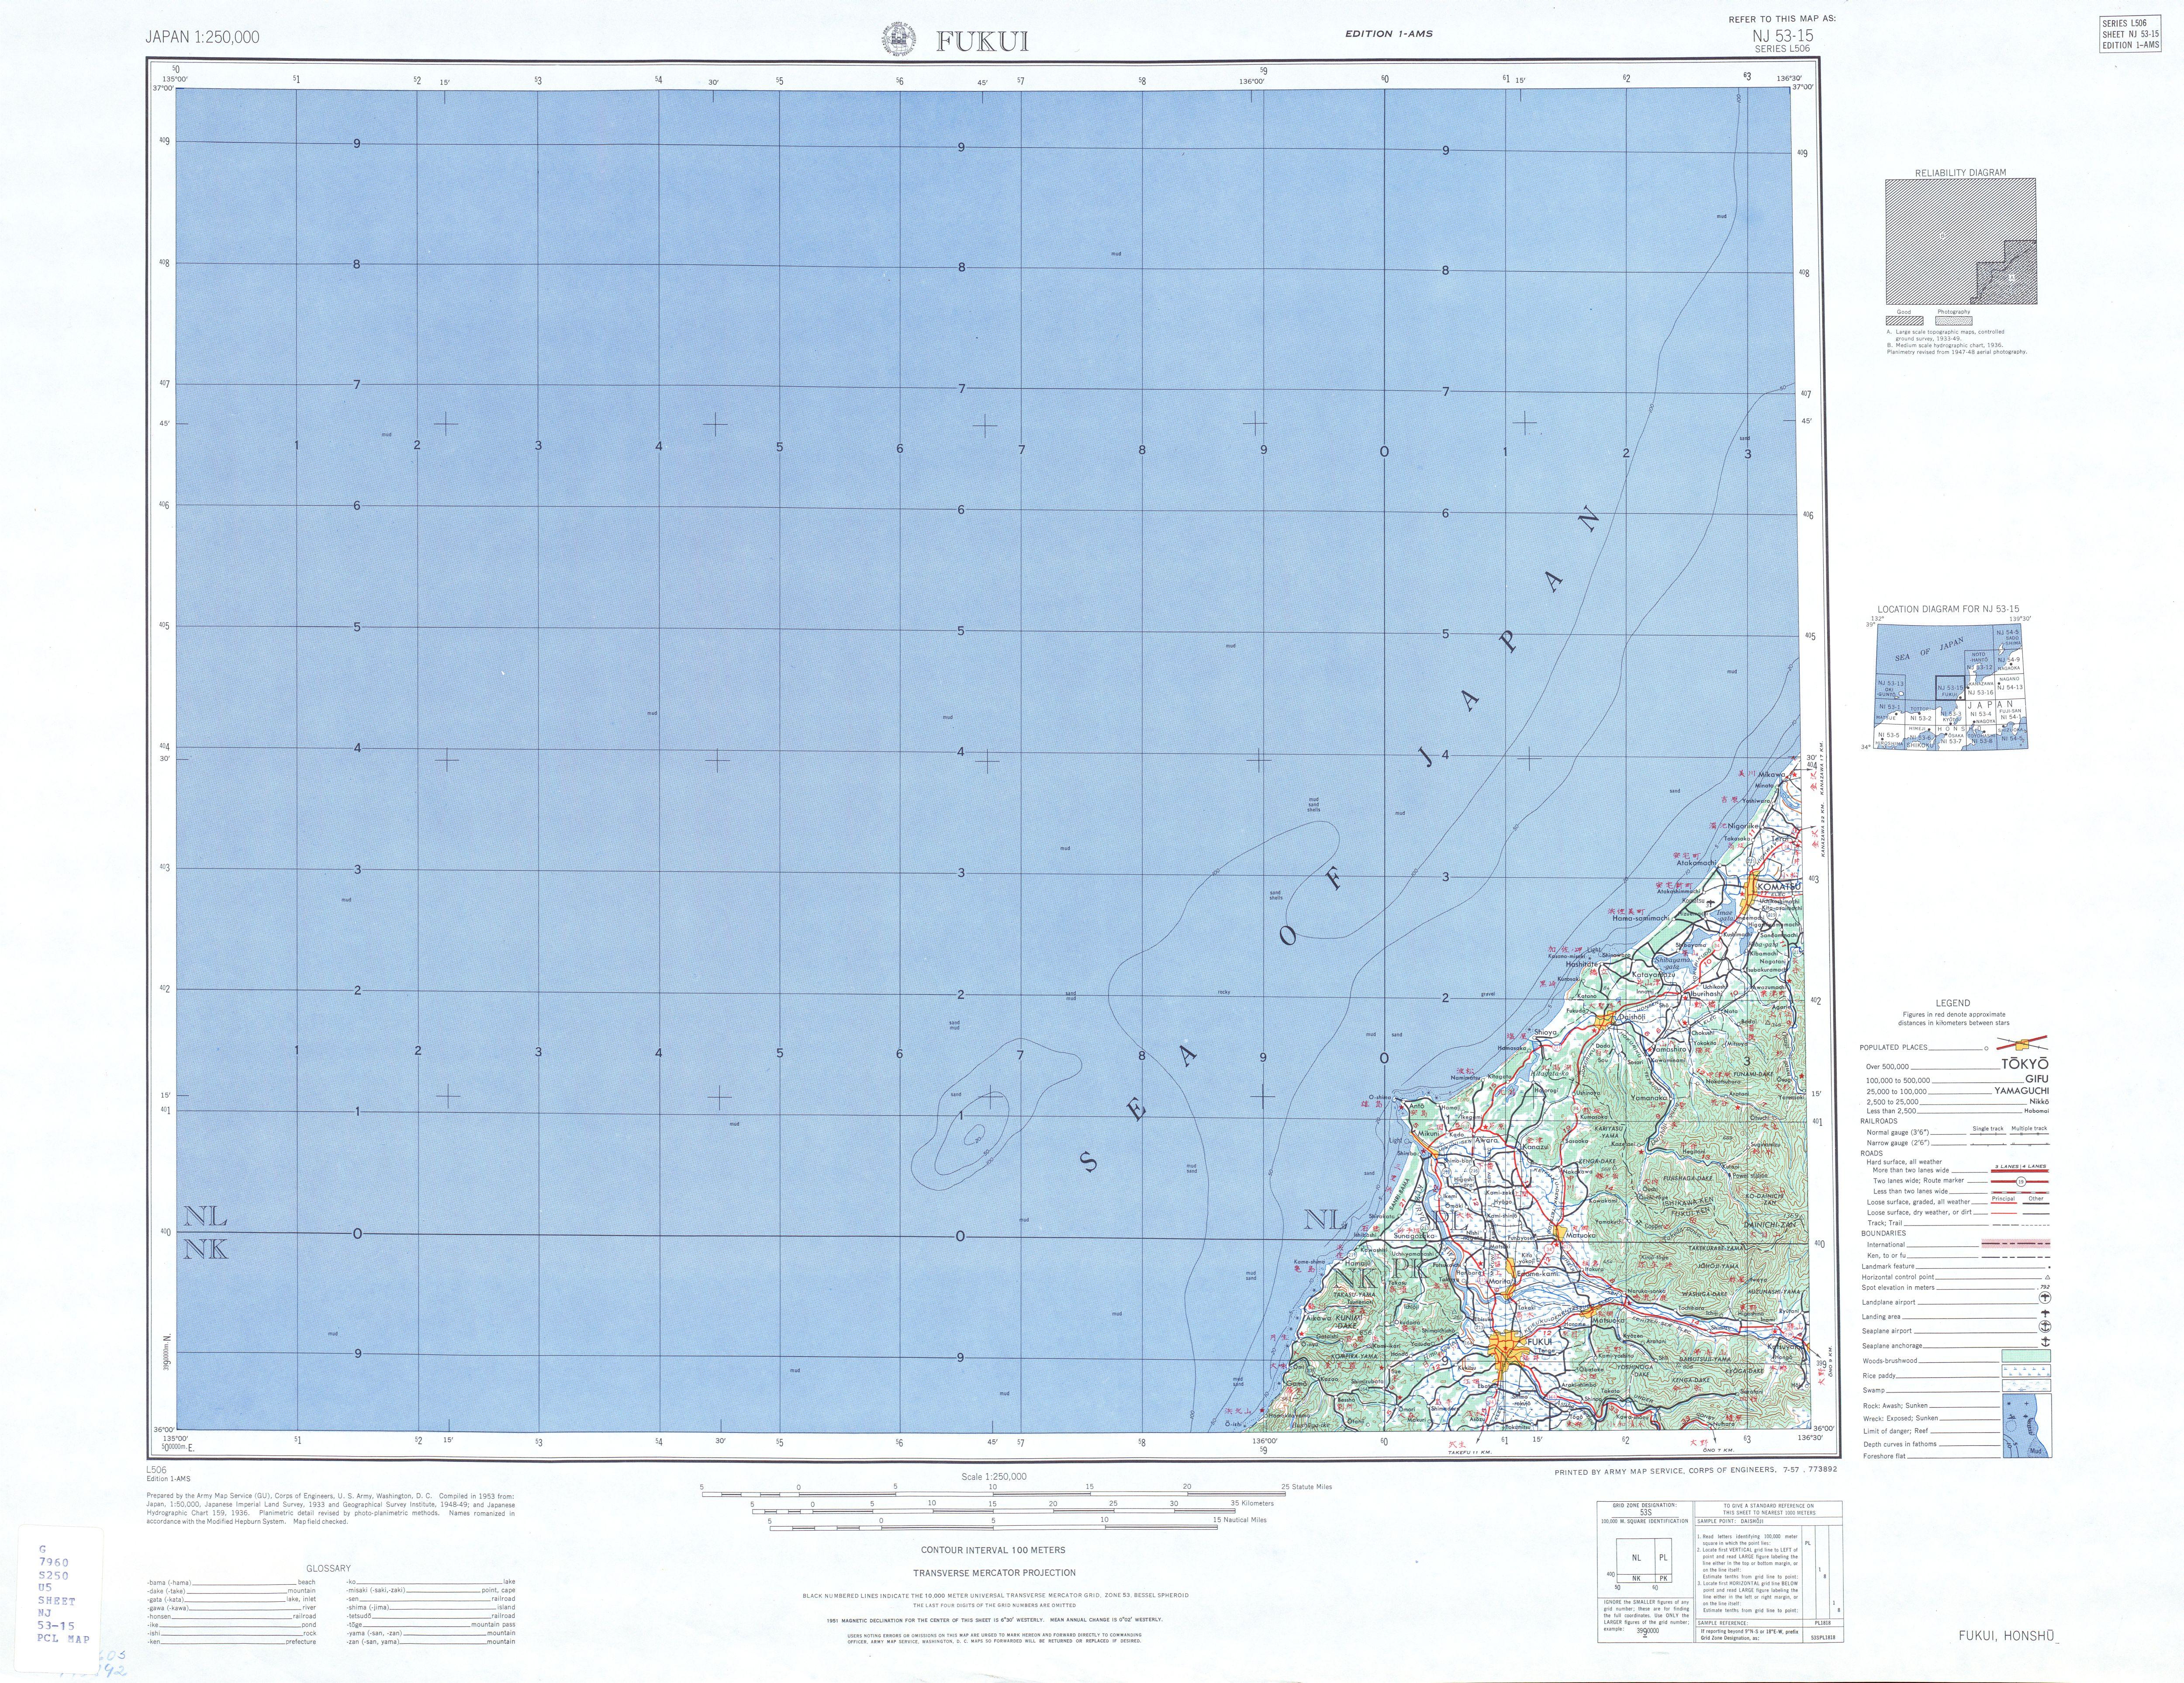 Hoja Fukui del Mapa Topográfico de Japón 1954